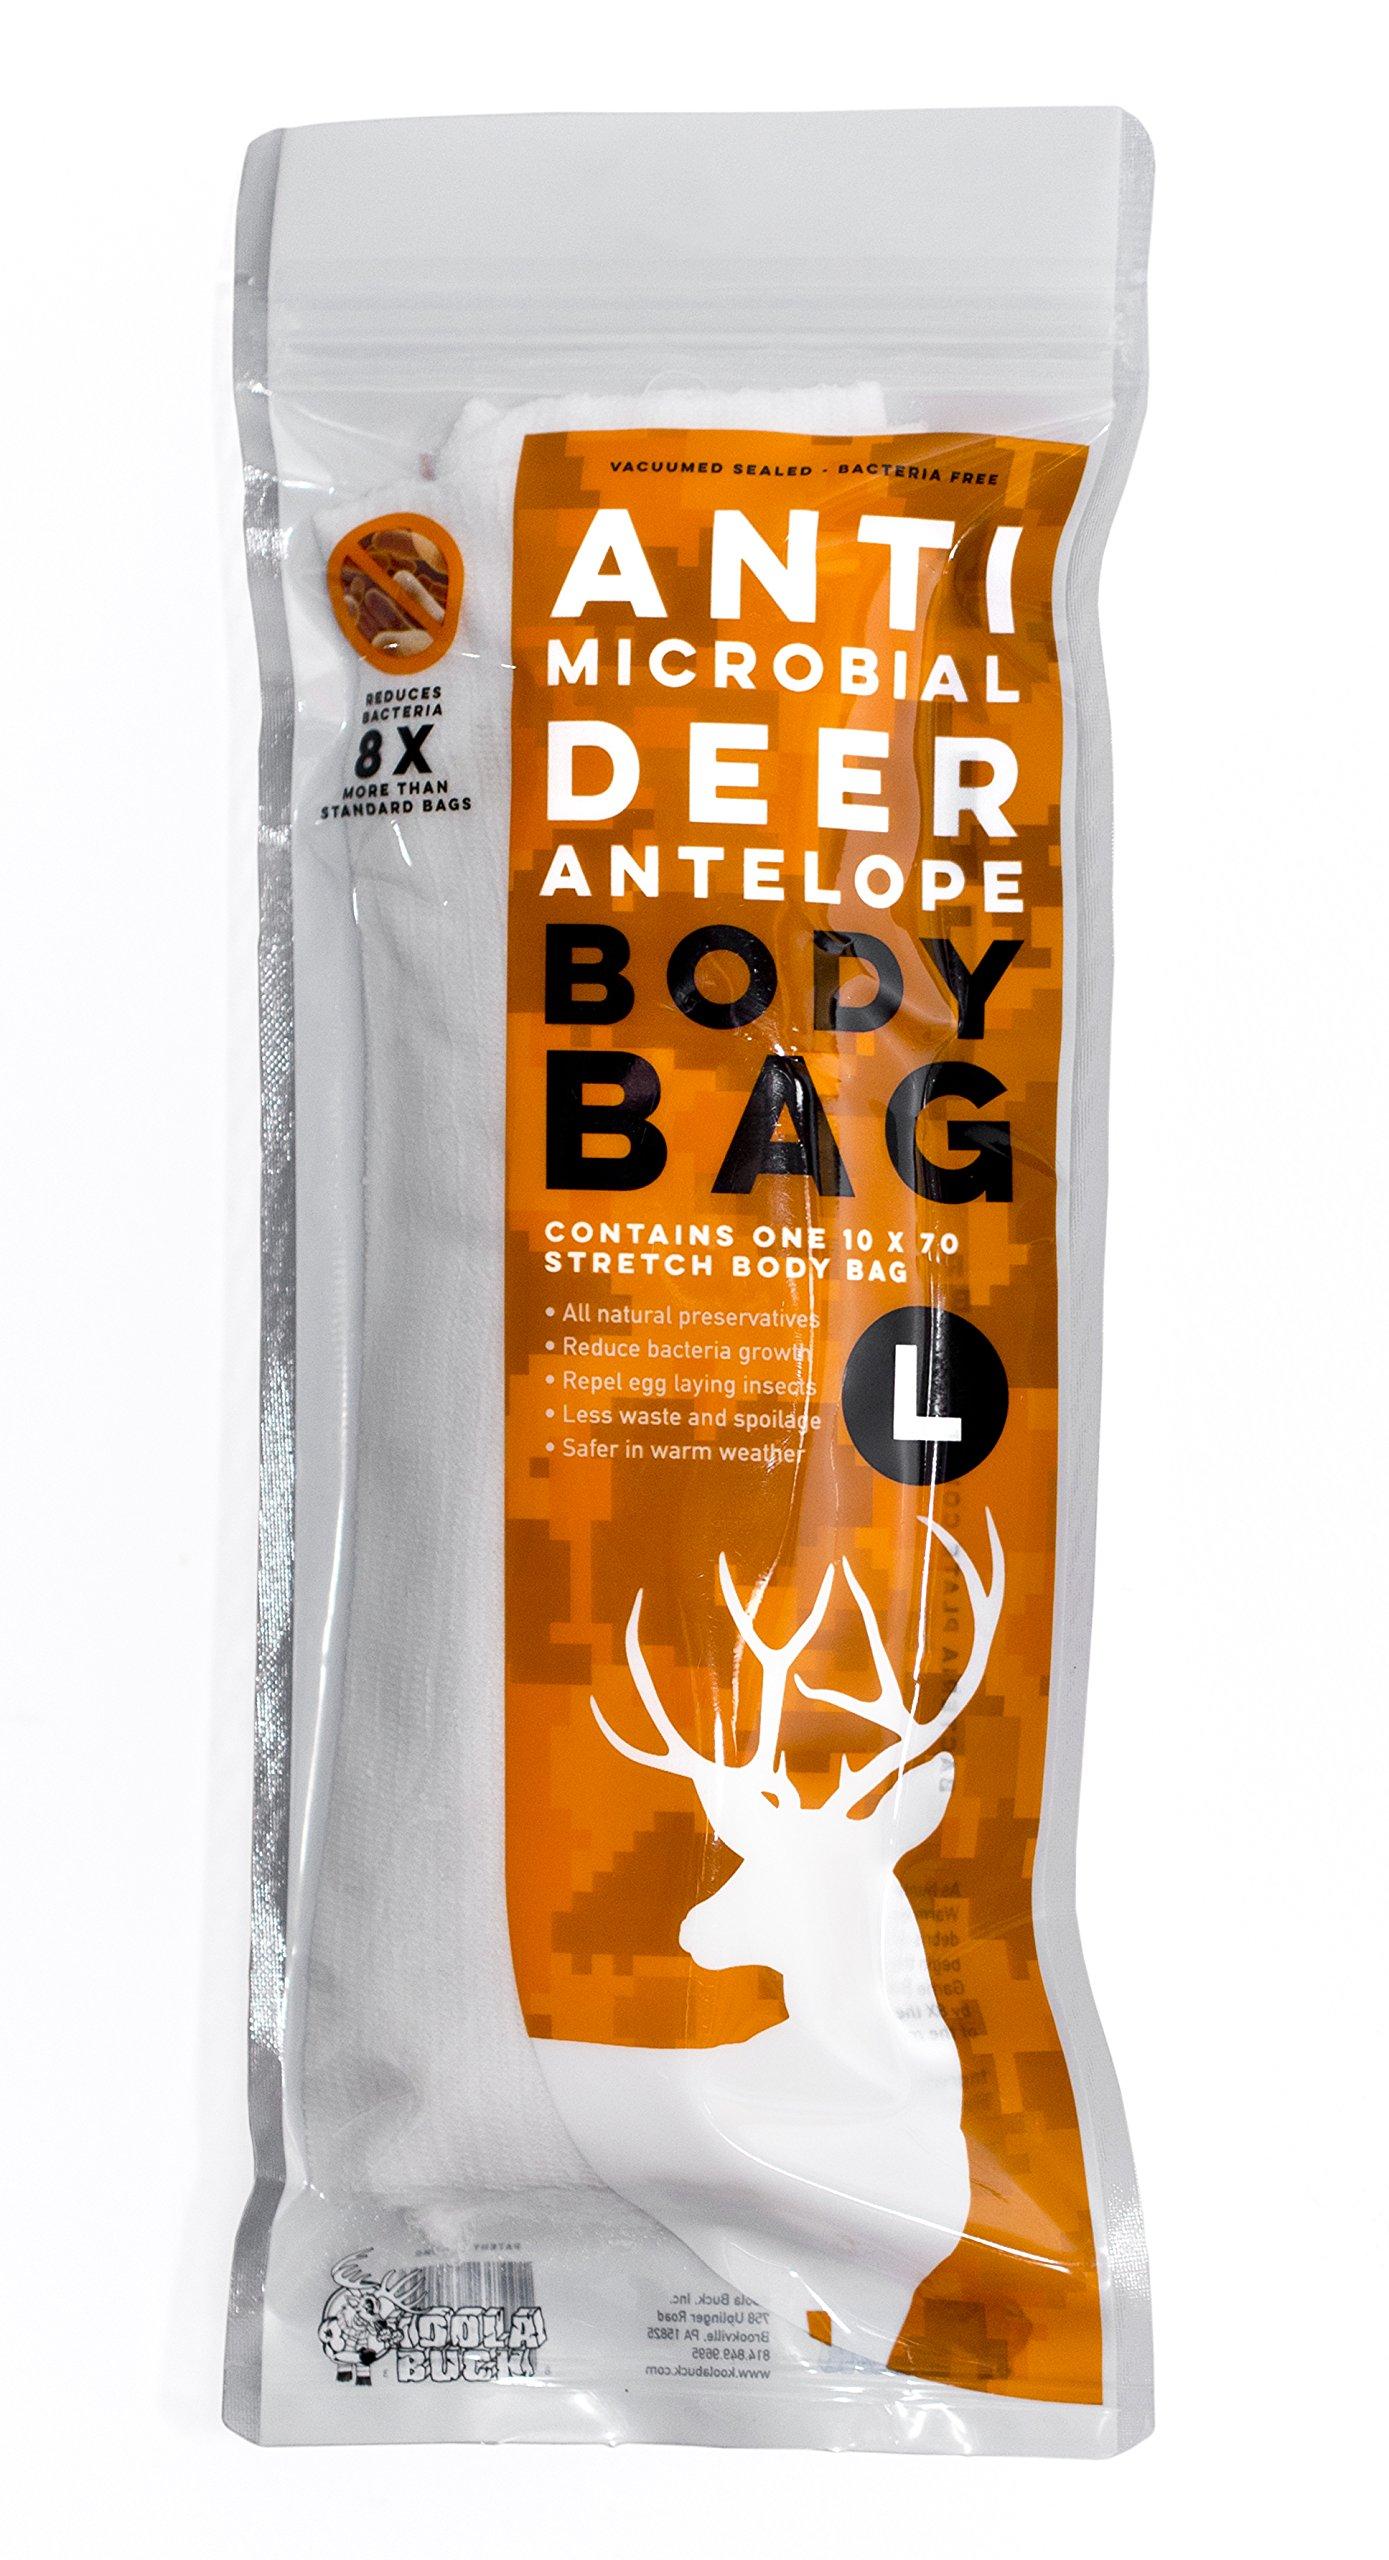 Koola Buck Antimicrobial Game Bags (Deer/Antelope 1 Pack) by Koola Buck